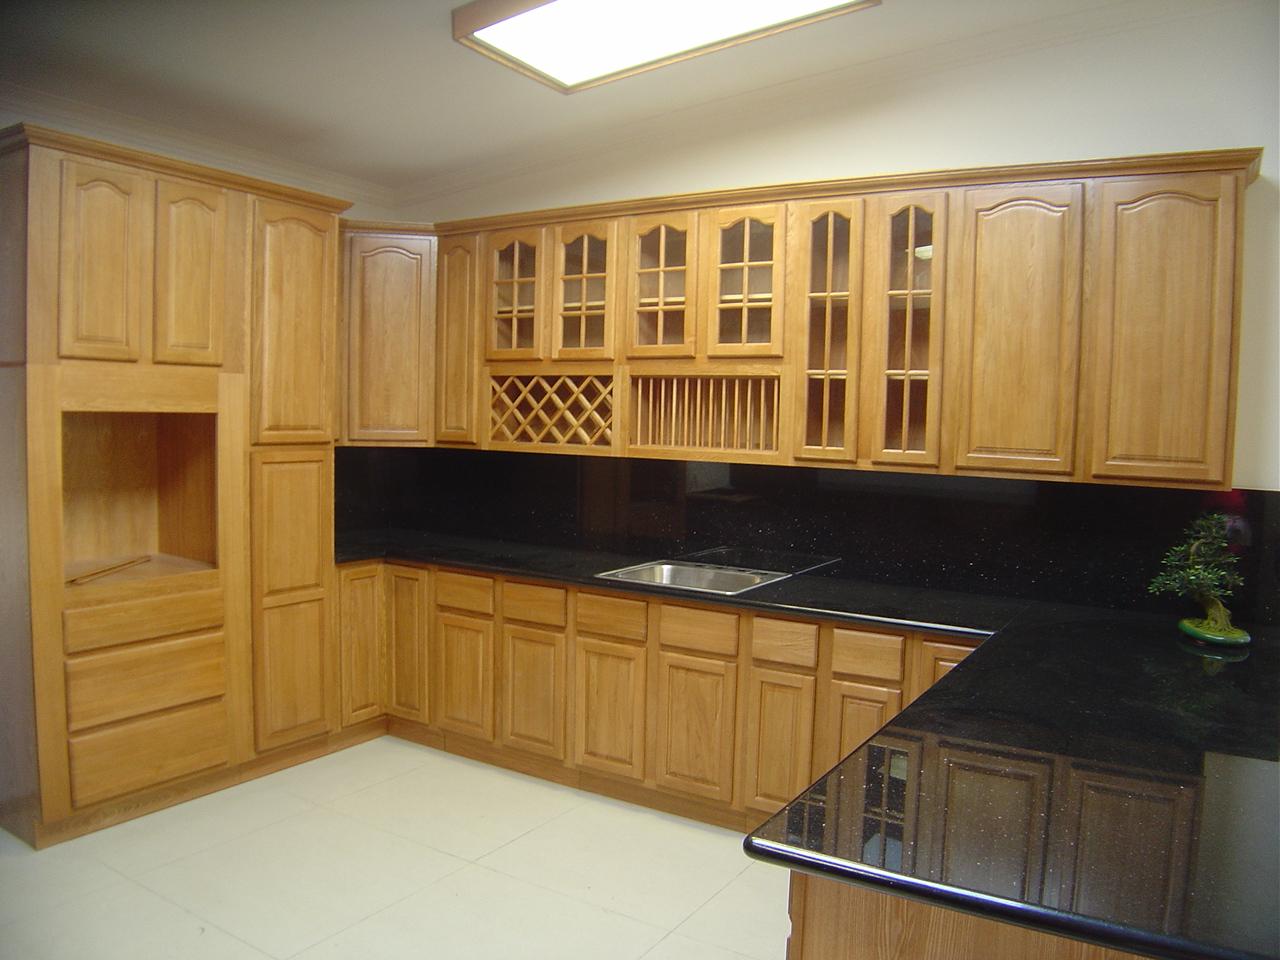 Kitchen counter storage photo - 1